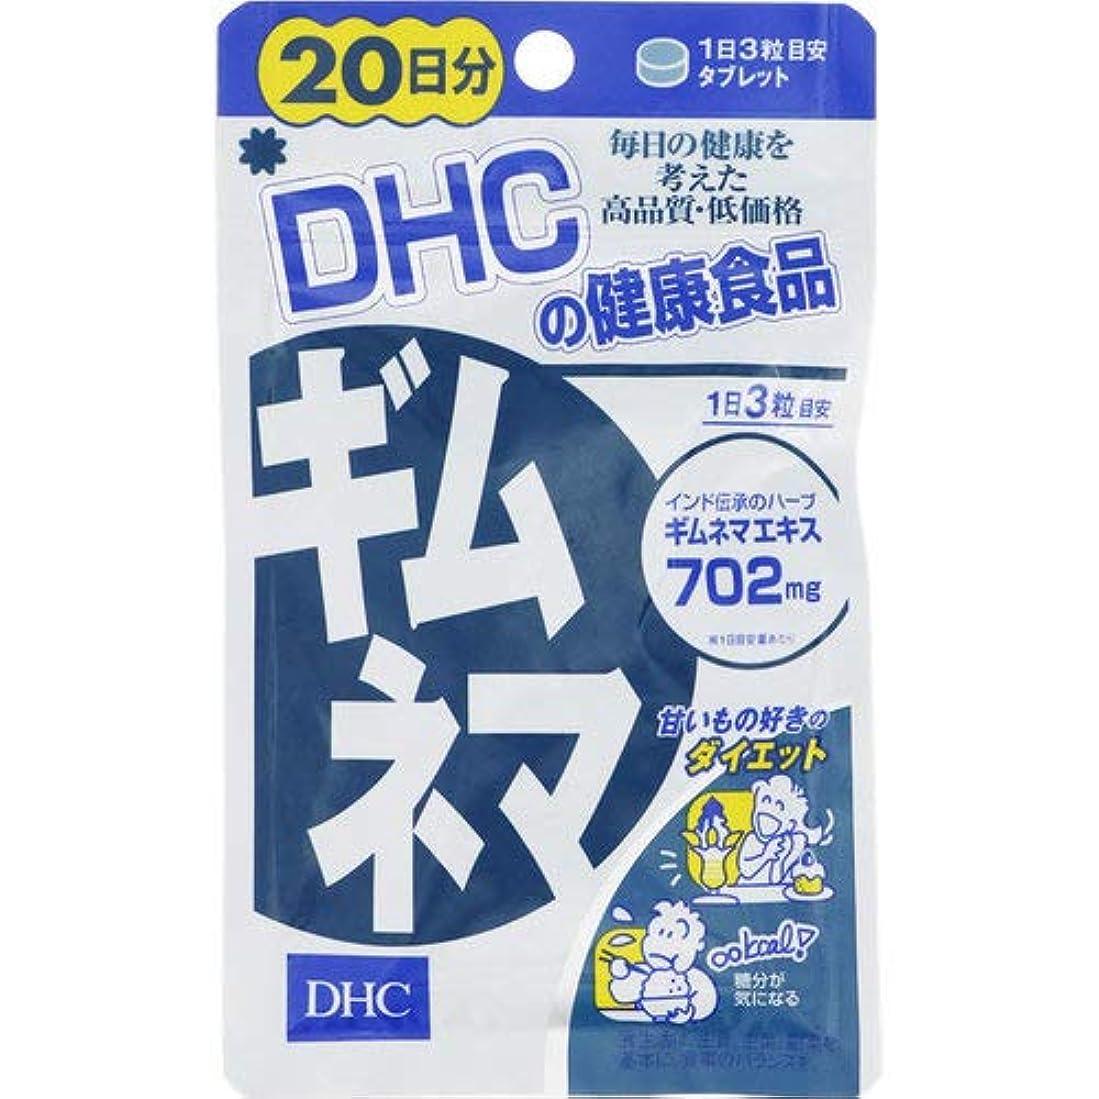 応用クレアプロポーショナル【DHC】ギムネマ 20日分 (60粒)